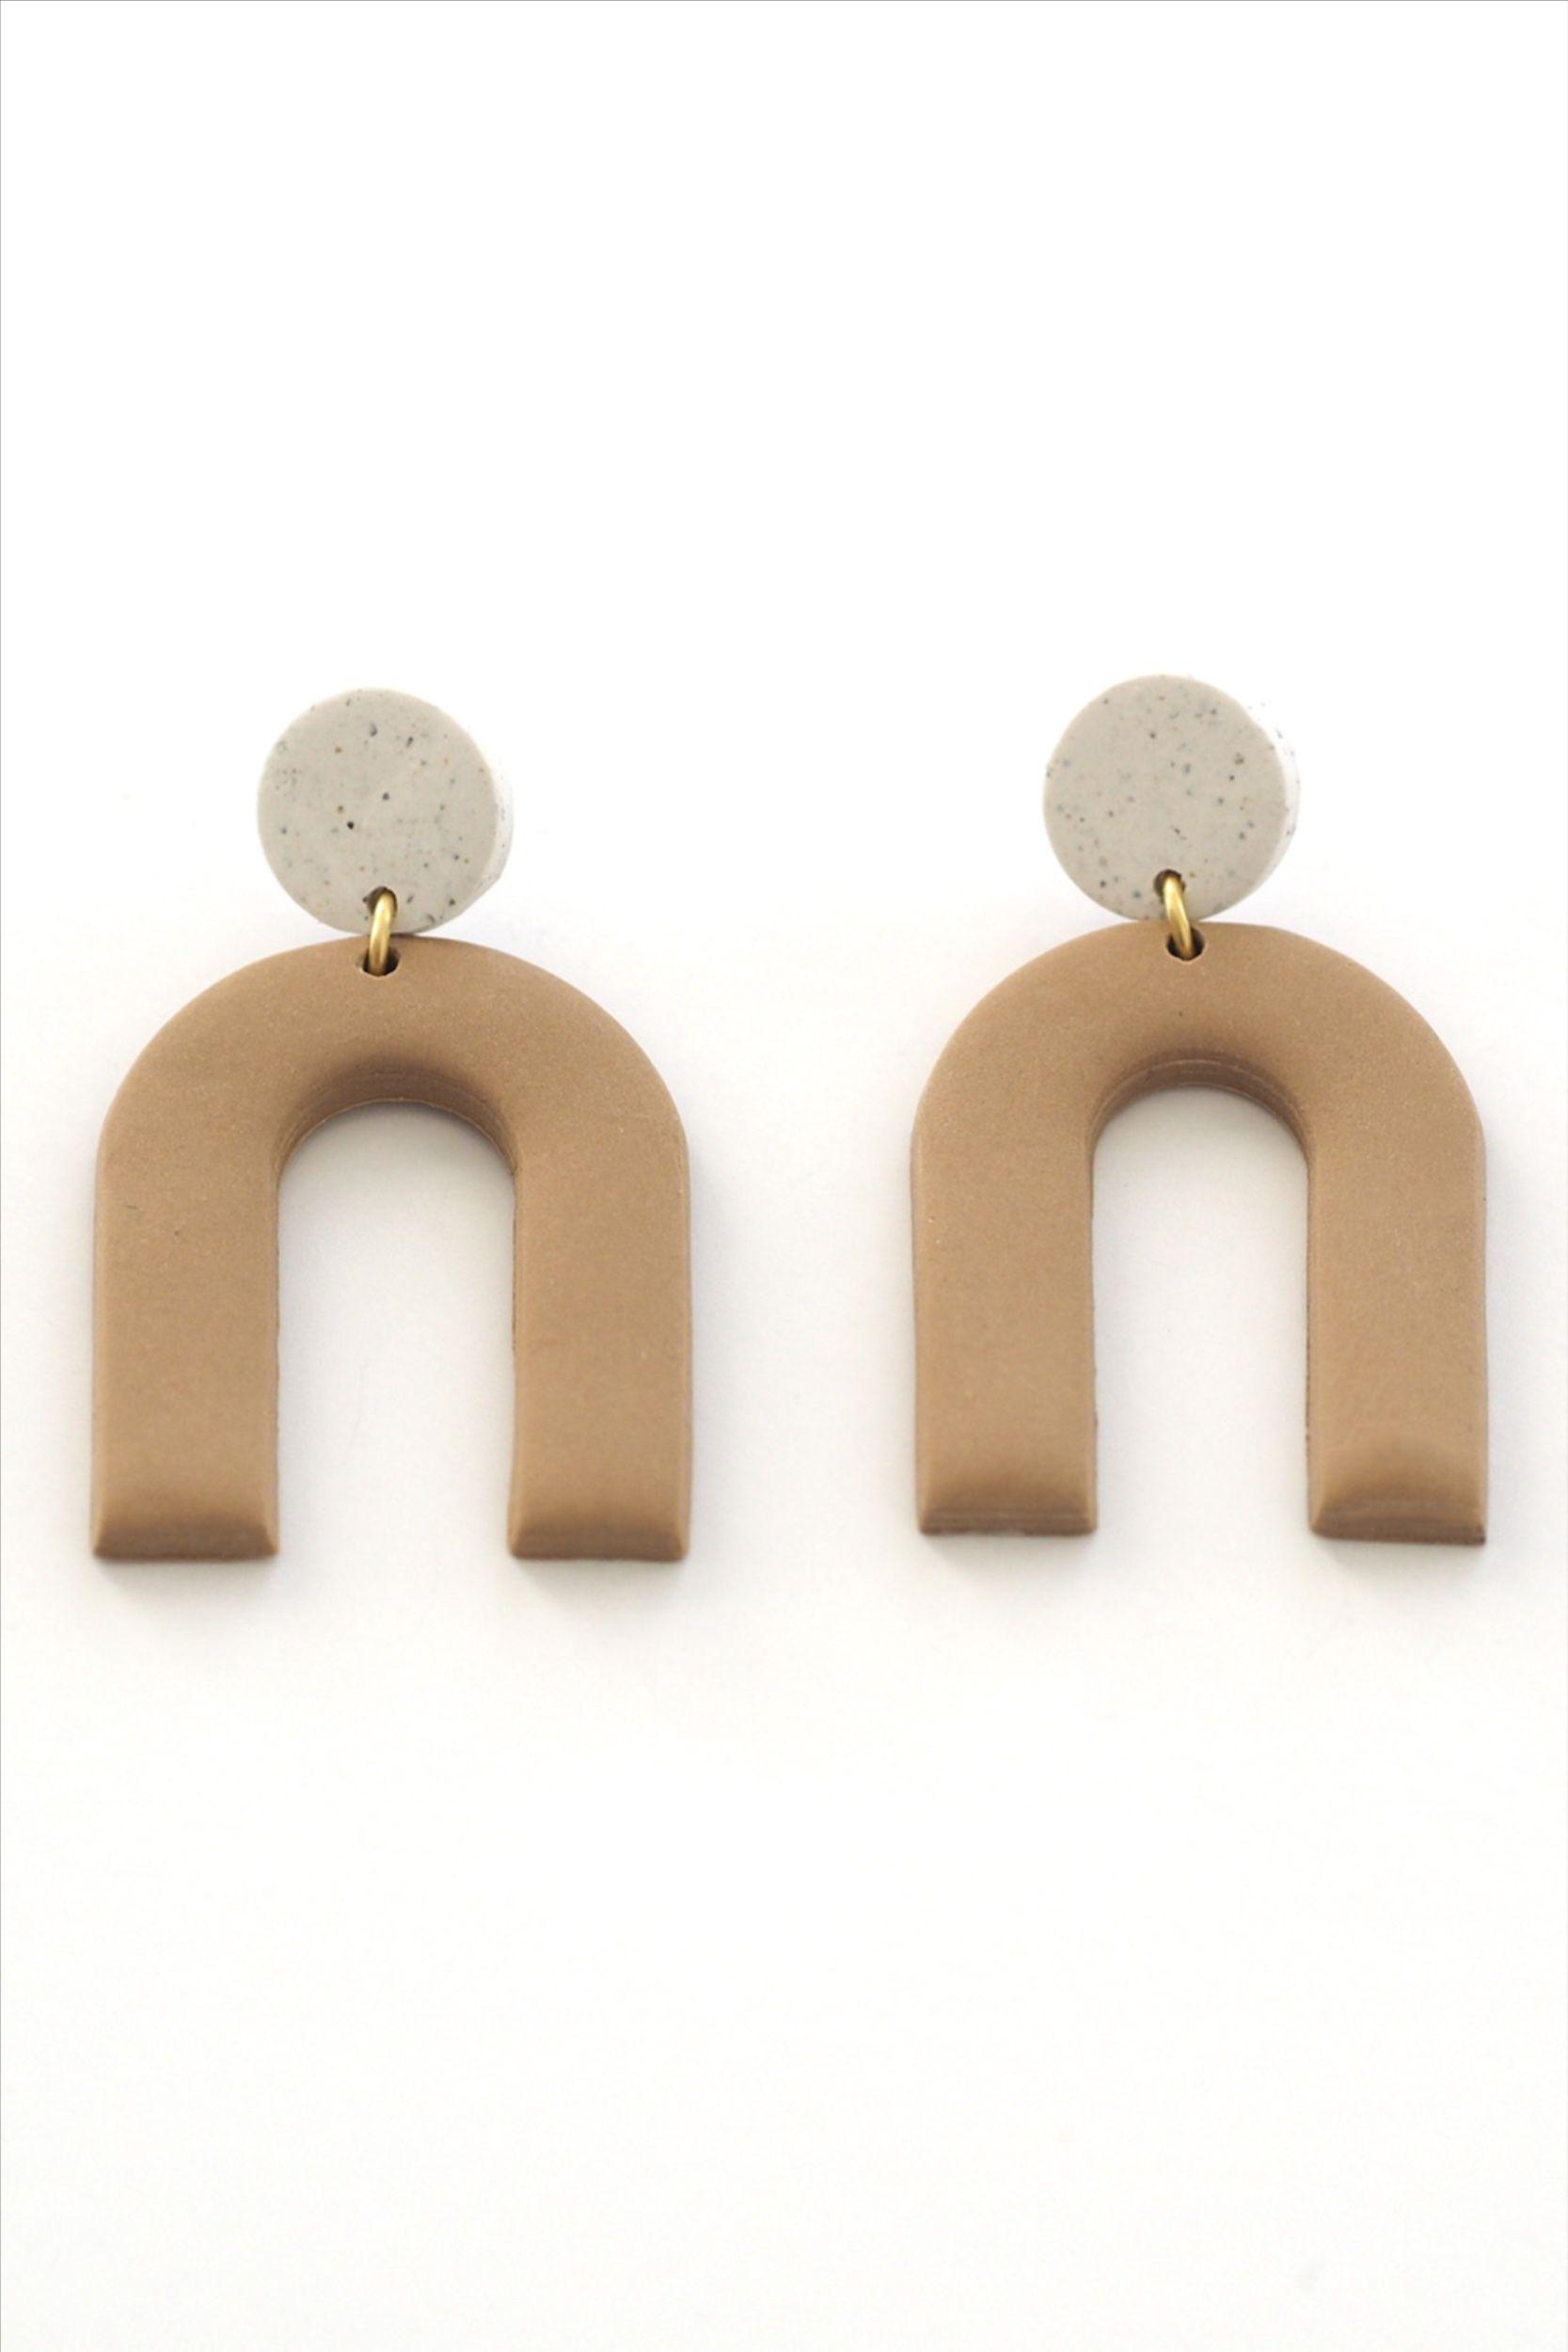 The Kajsa Earrings In Latte White Granite Clay Arch Etsy In 2020 Clay Earrings Earrings Minimalist Jewelry